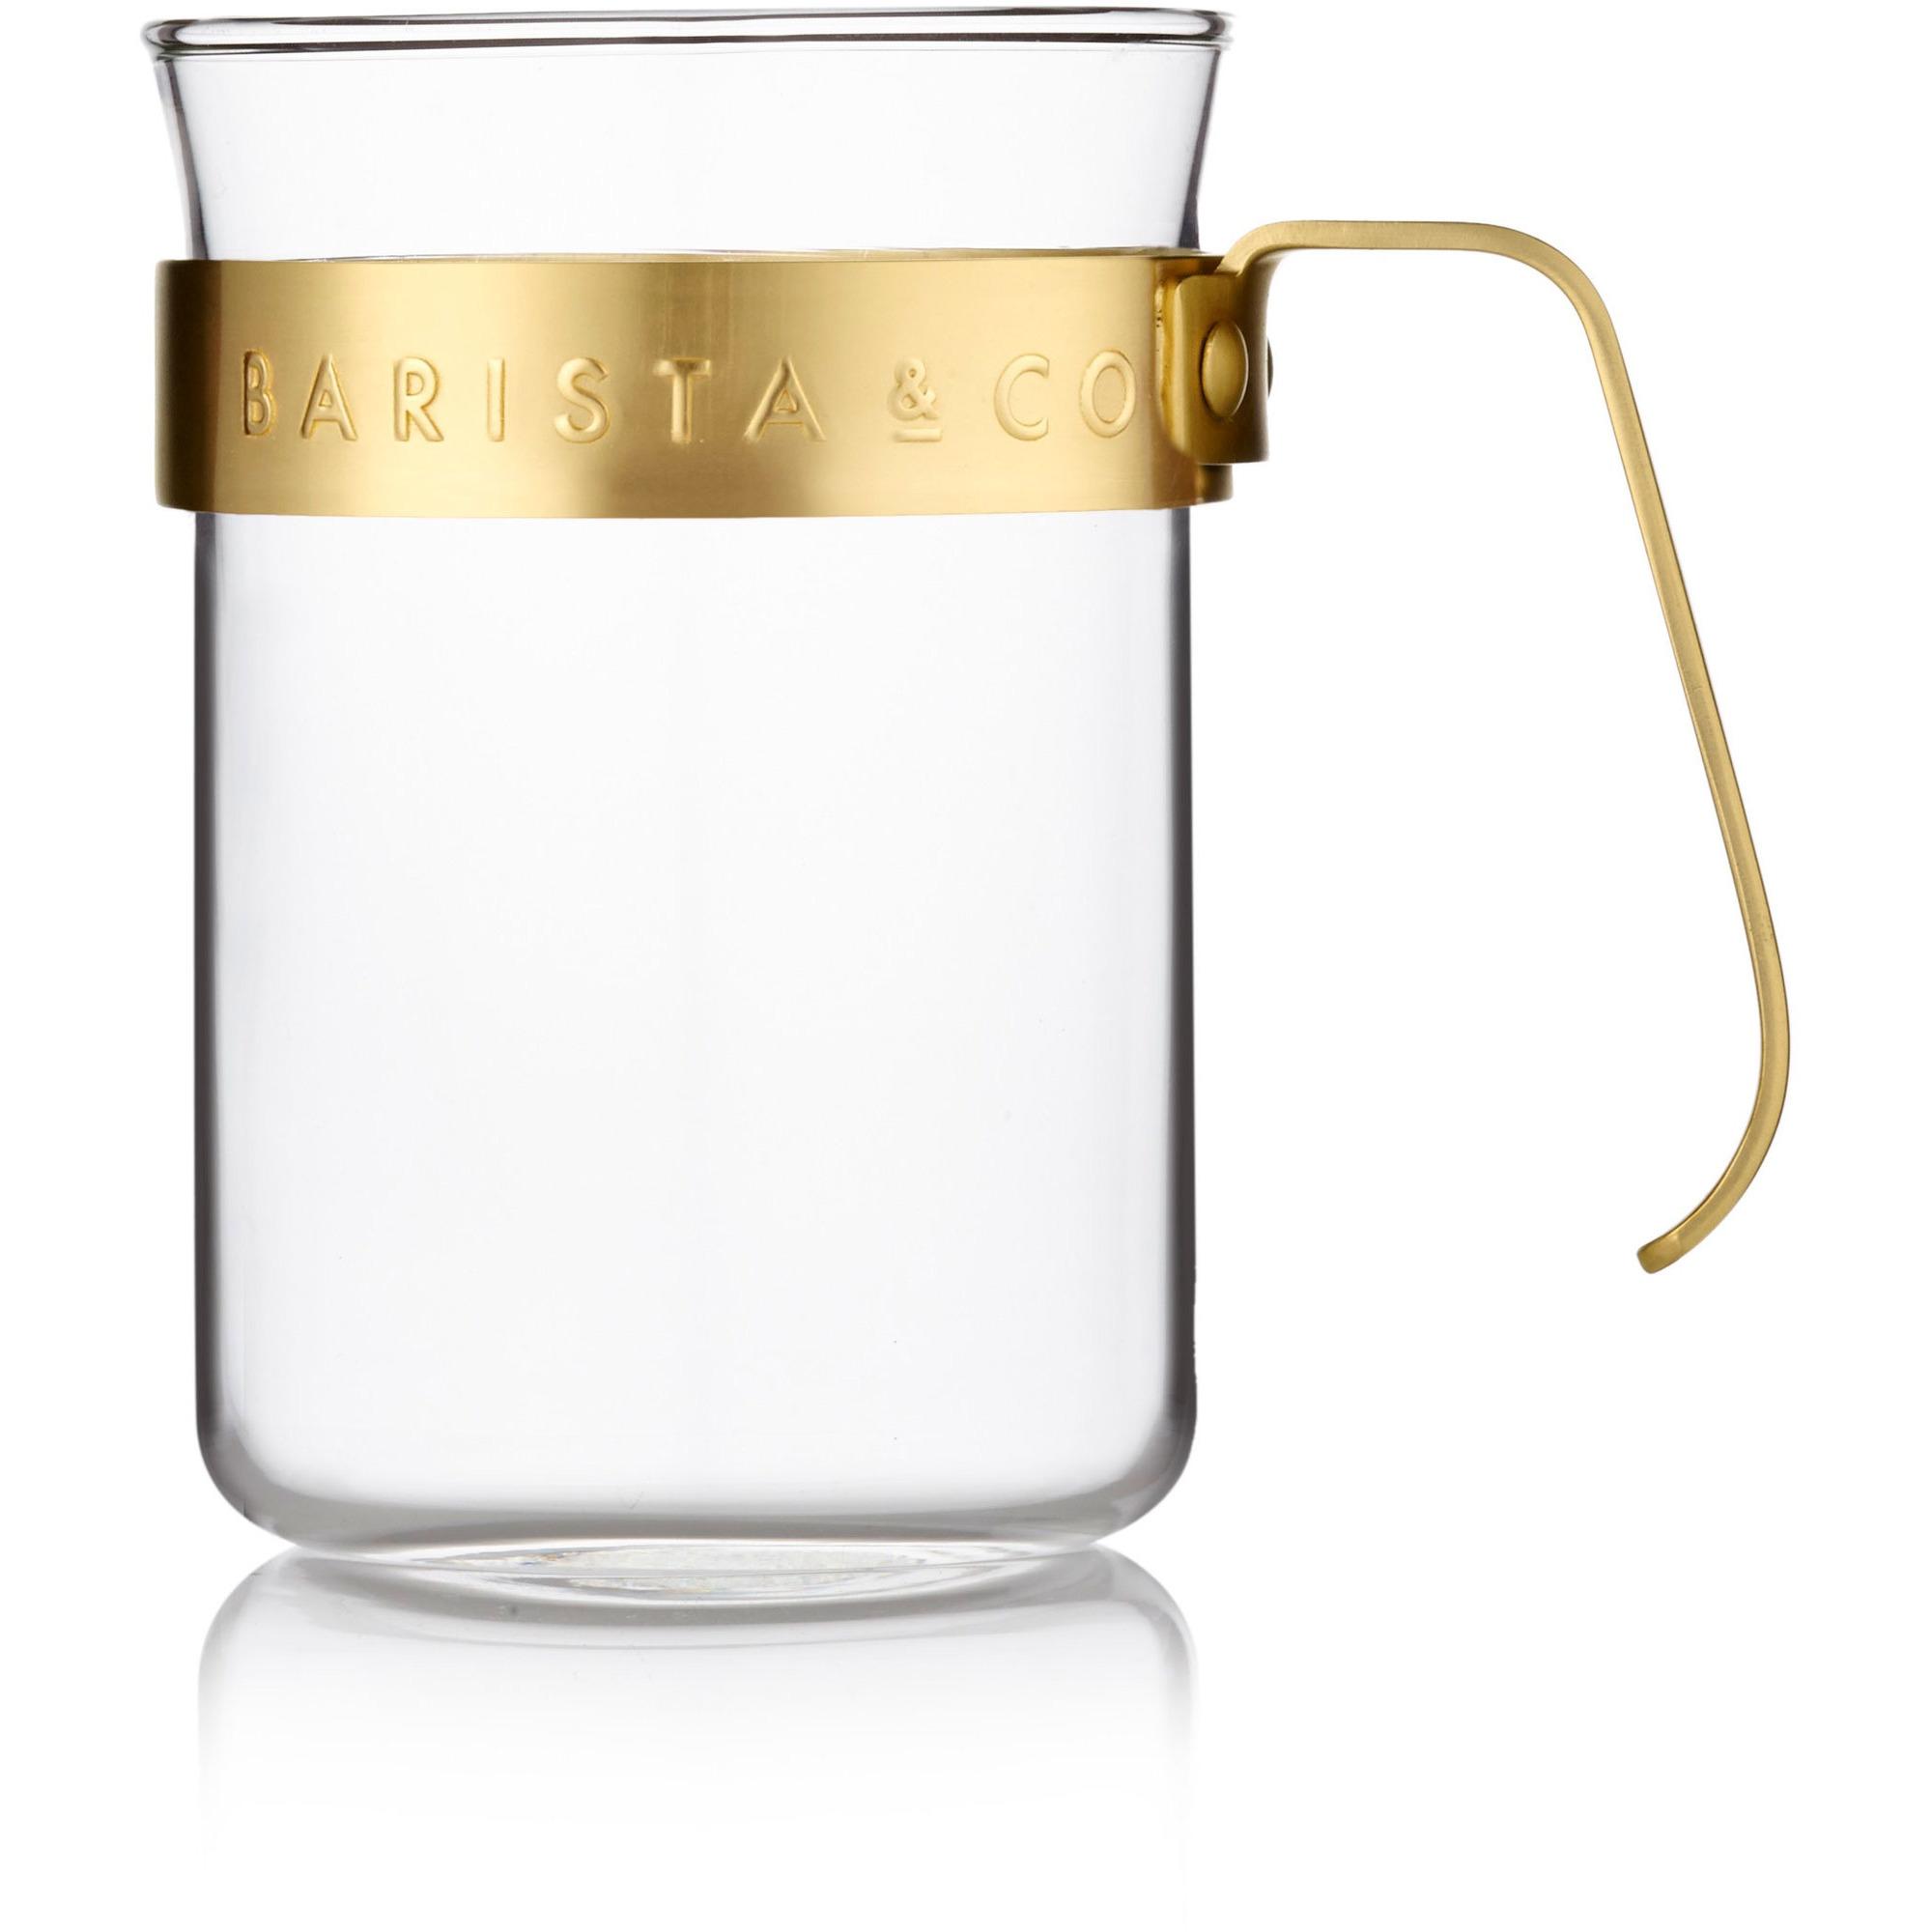 Barista & Co. 2 st. koppar med guldring